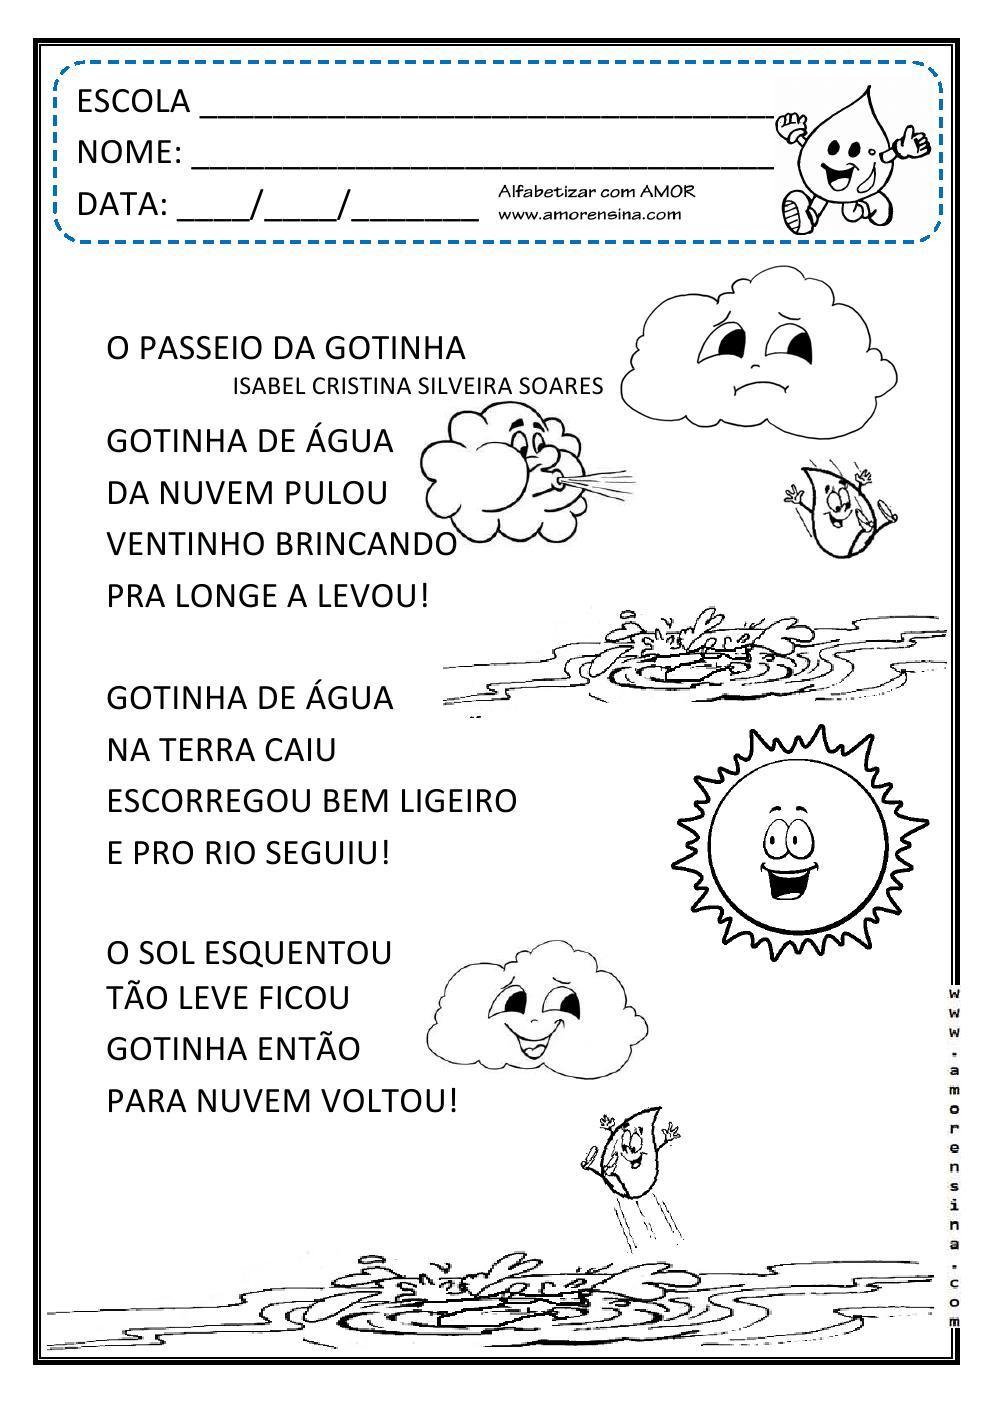 Conhecido Alfabetizar com AMOR: O PASSEIO DA GOTINHA! INTERDISCIPLINAR  VV23